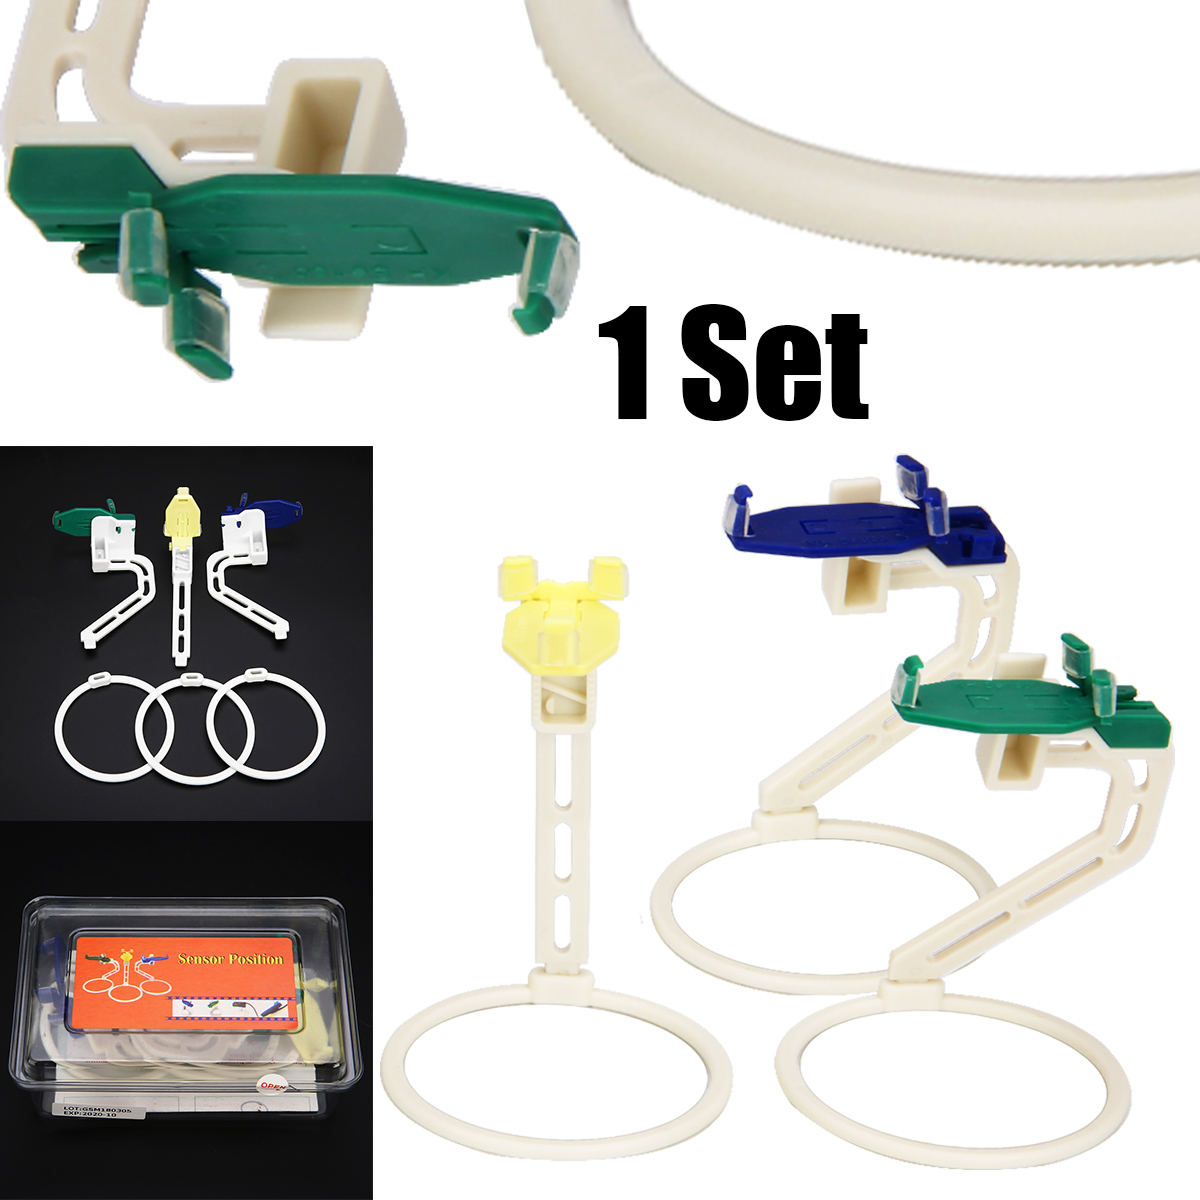 1 Set Dental Digital X Ray Film Sensor Positioner Portable Plastic Holder Dental Positioning Tool For Dentist